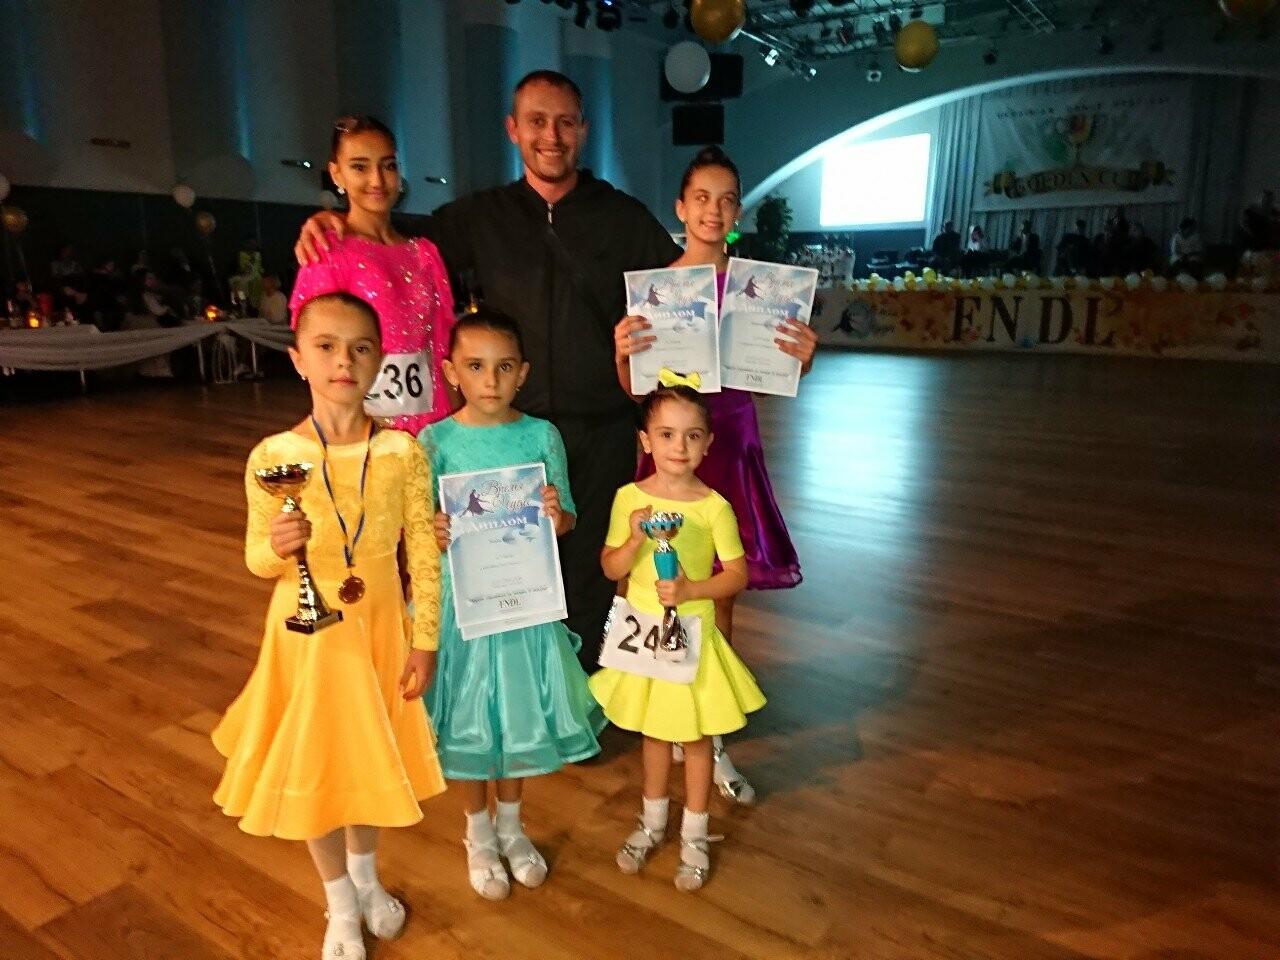 Представники Бердянська гідно виступили на спортивно-танцювальному чемпіонаті у Запоріжжі, фото-2